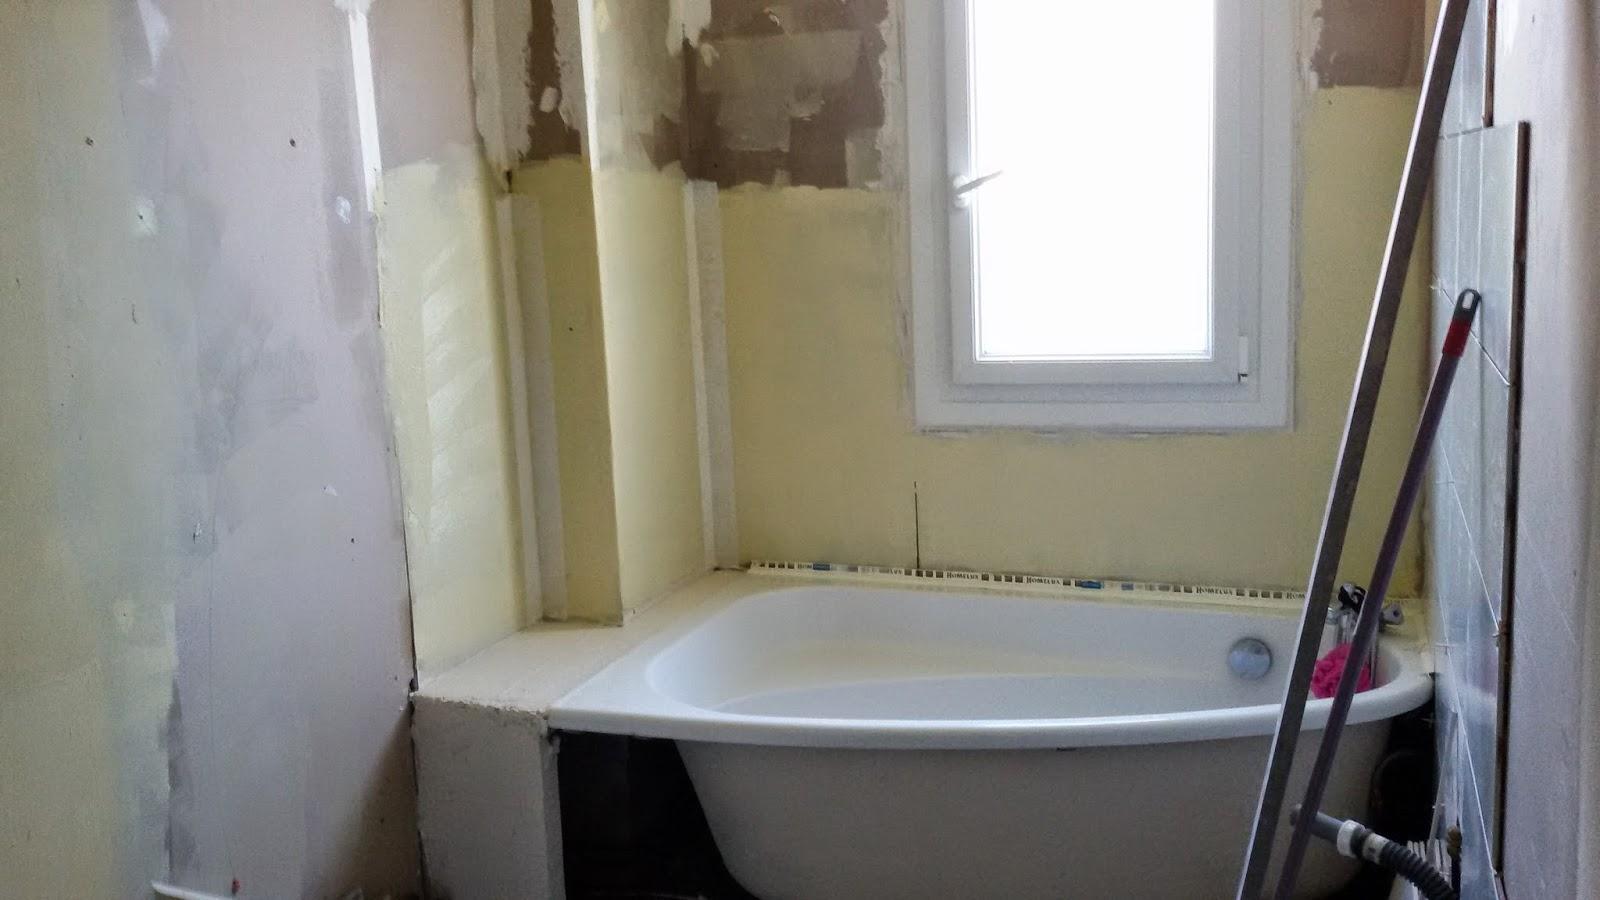 pose carrelage et parquet 79 carrelage de salle de bain. Black Bedroom Furniture Sets. Home Design Ideas